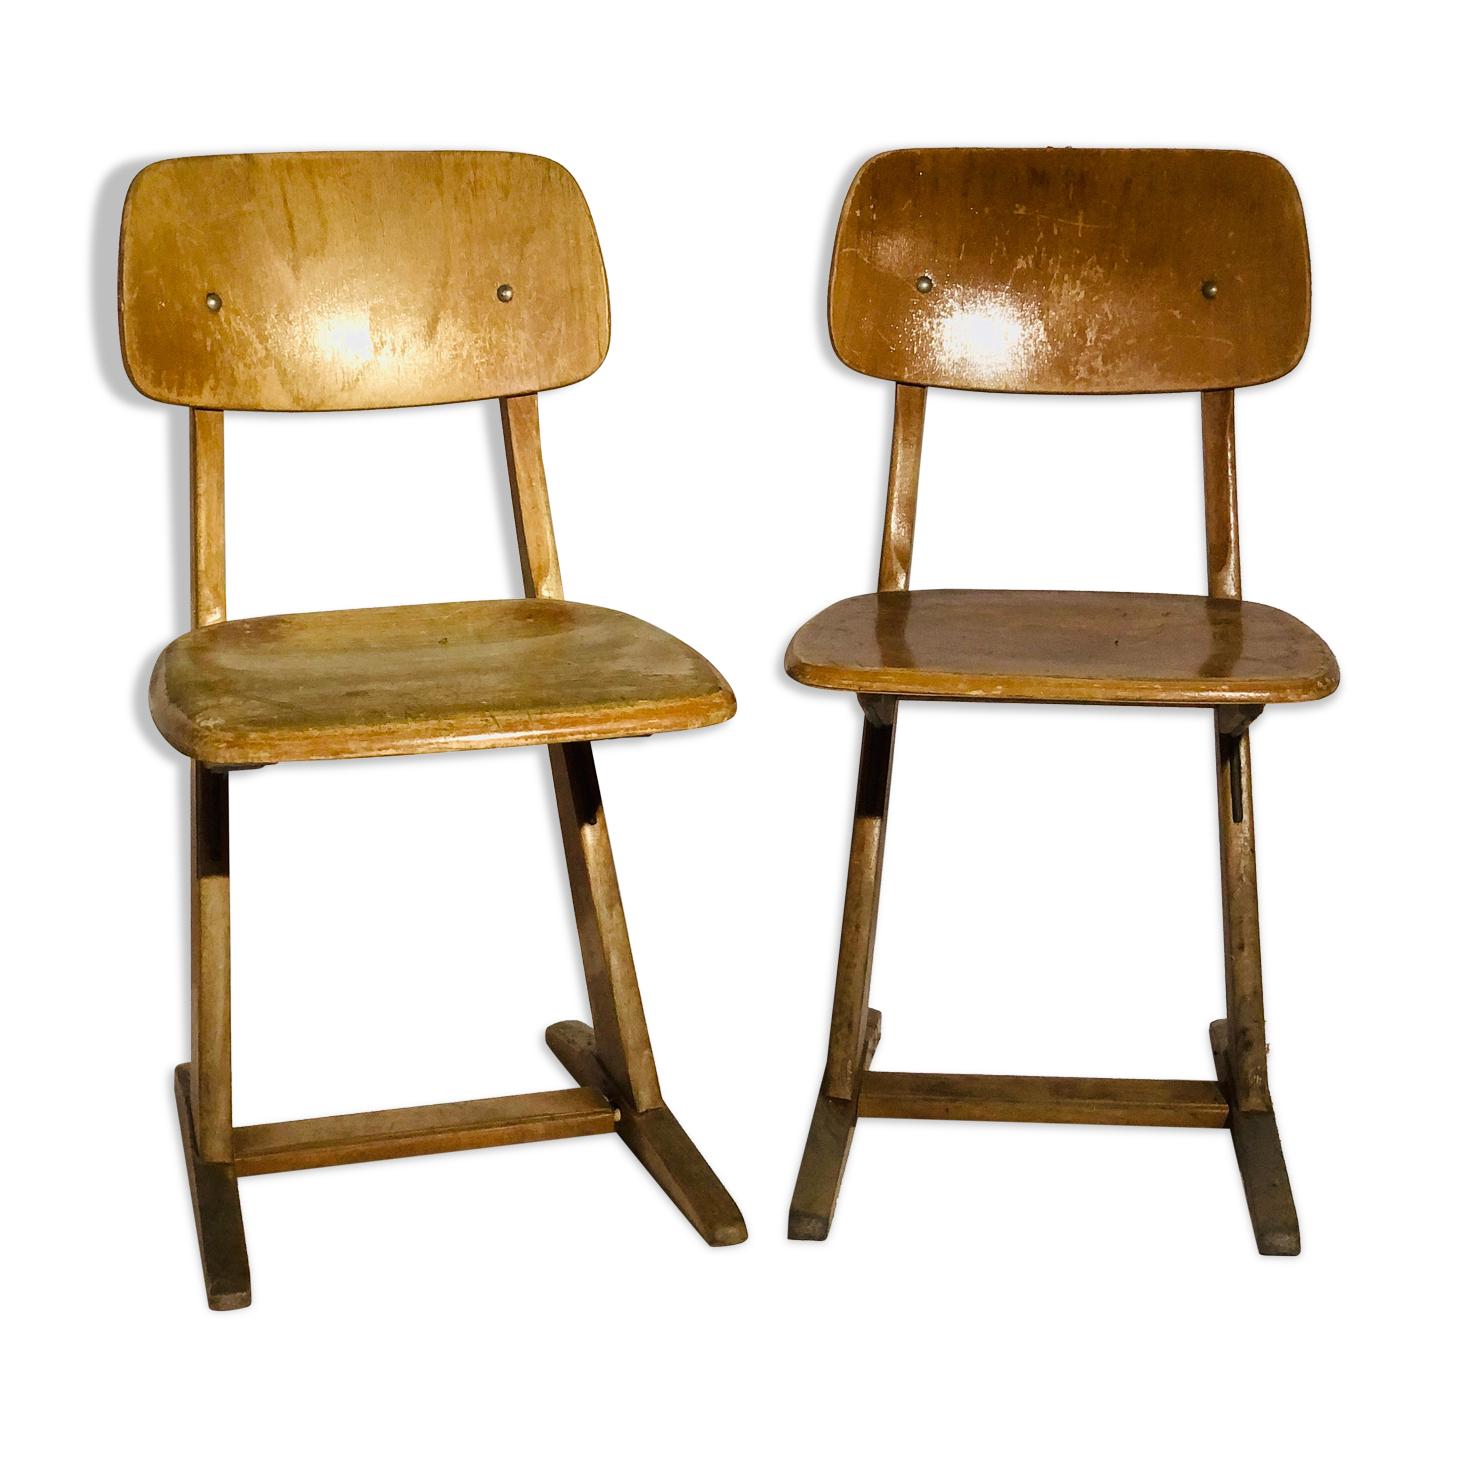 Paire de chaises scandinave vintage - Karl Nothelfer